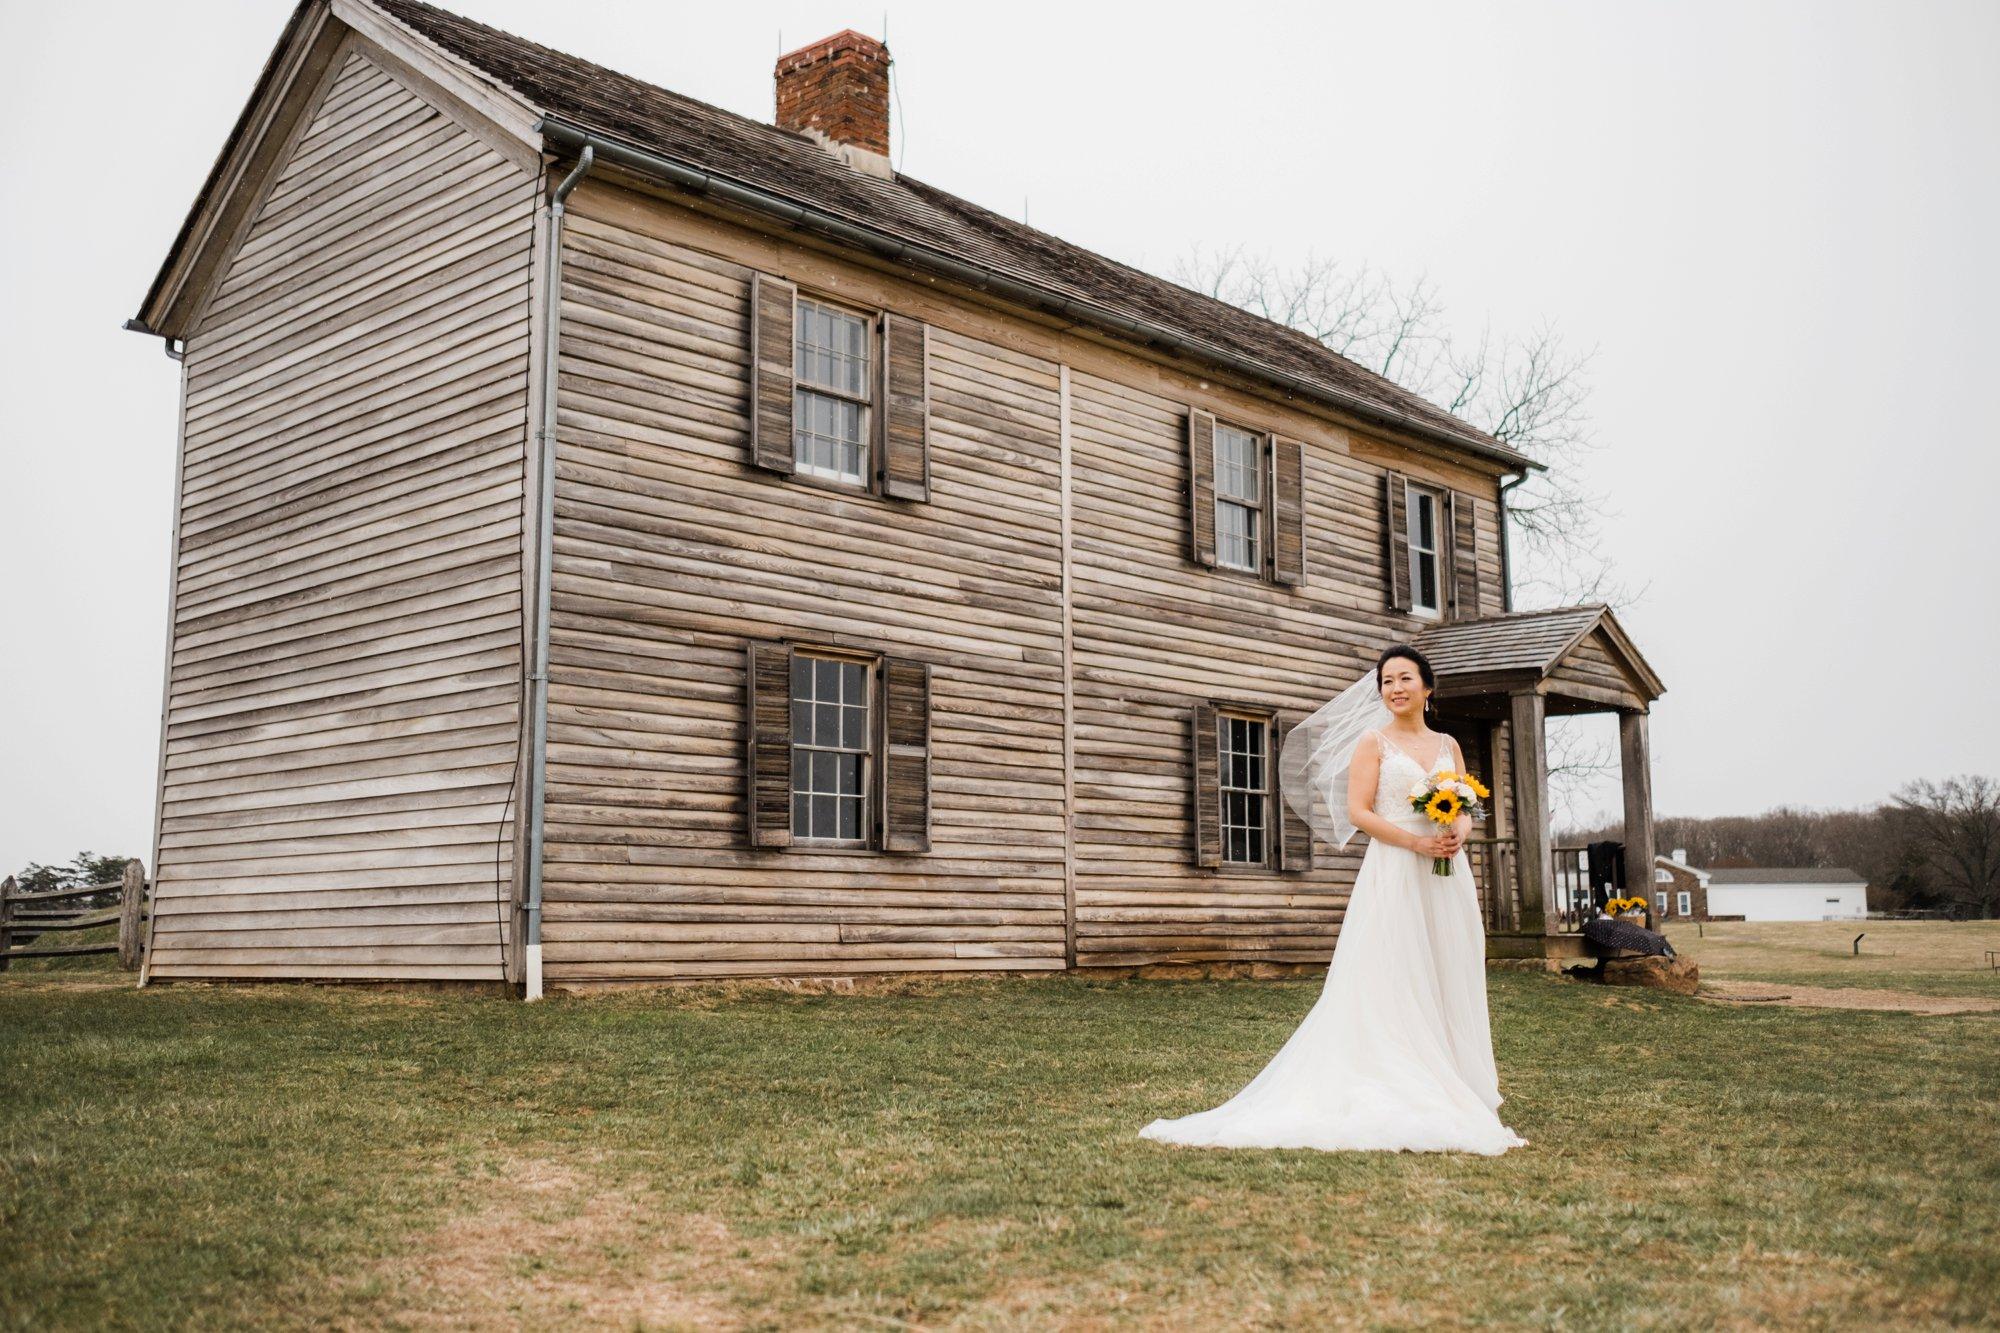 fairfax-dc-wedding-old-city-hall_0051.jpg